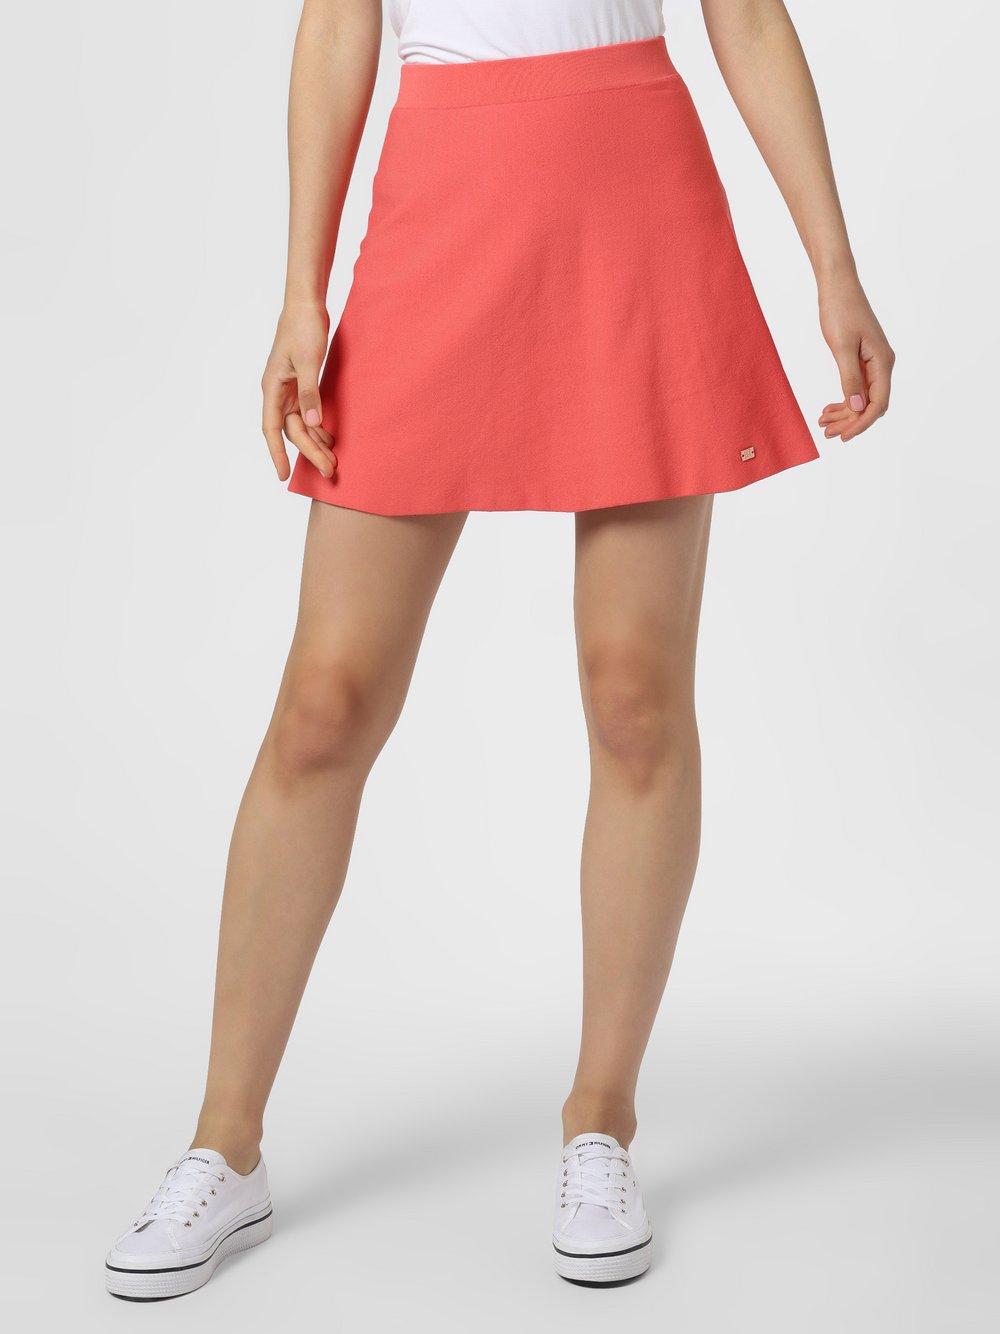 NIKKIE – Spódnica damska – Skylar, pomarańczowy Van Graaf 477642-0001-00360